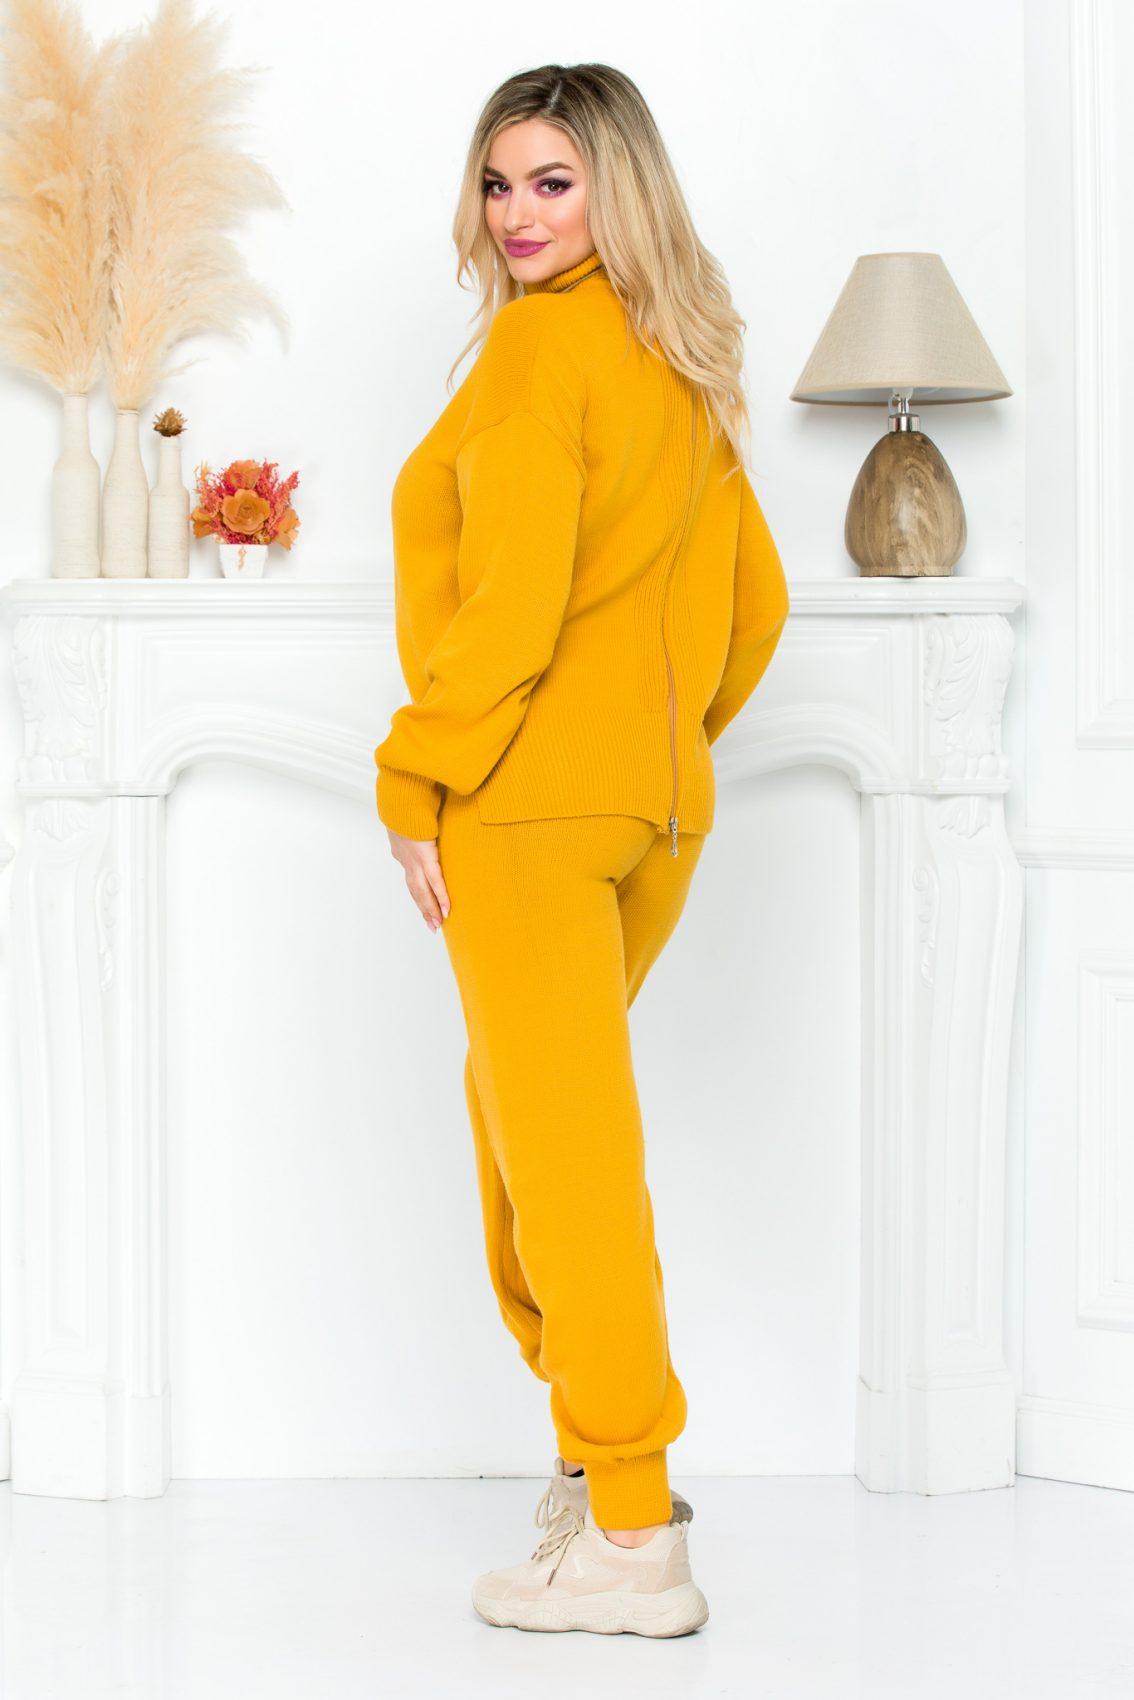 Κίτρινο Πλεκτό Σετ Μπλούζα Με Παντελόνι Hara 9215 1